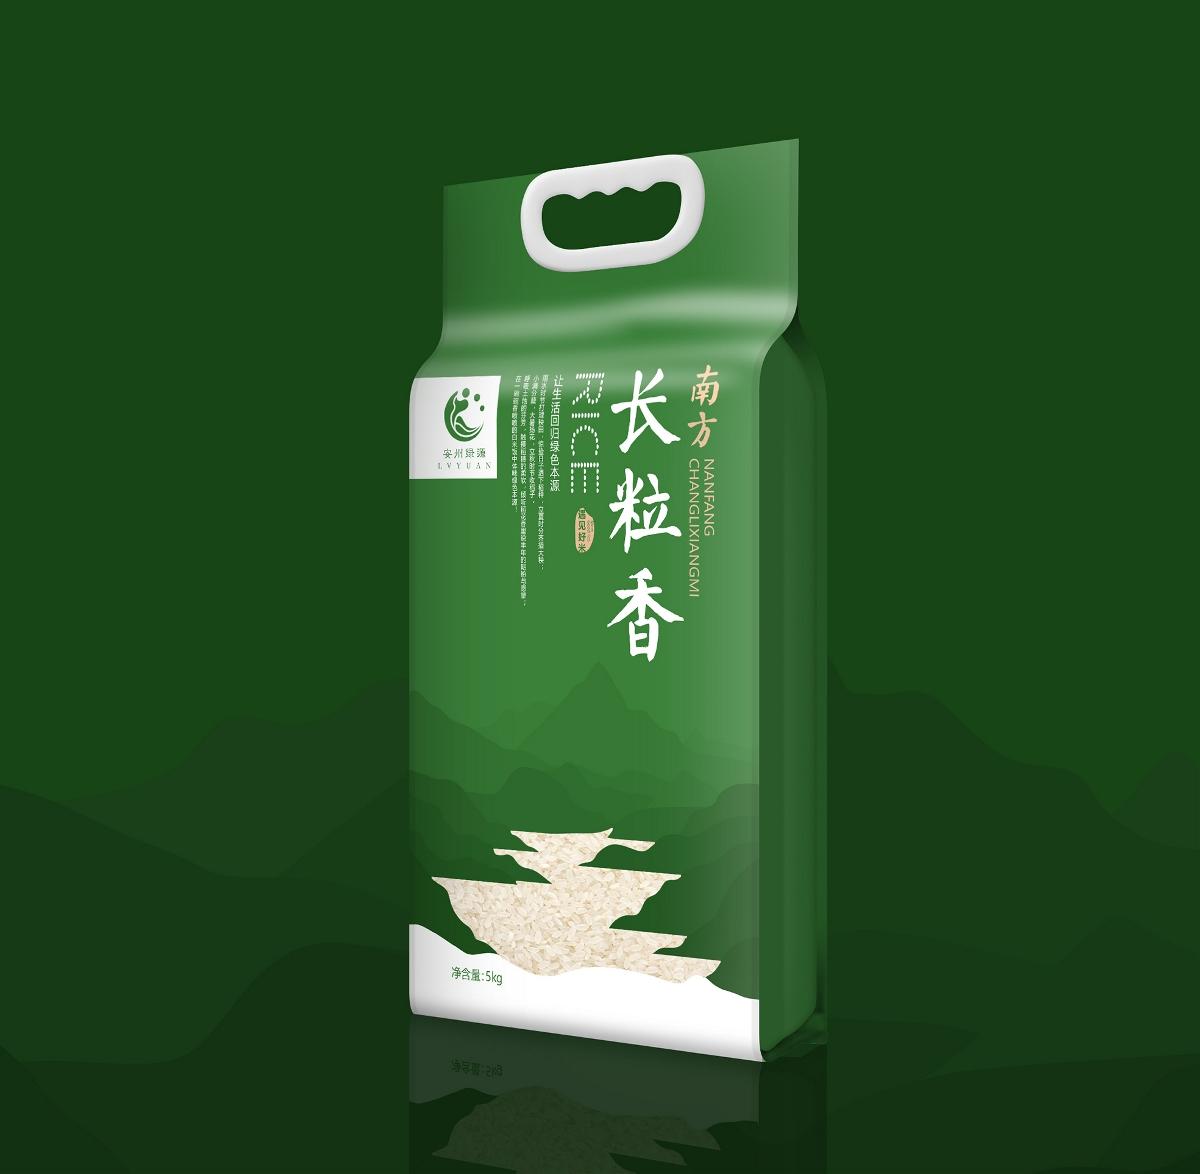 大米包装-意形社